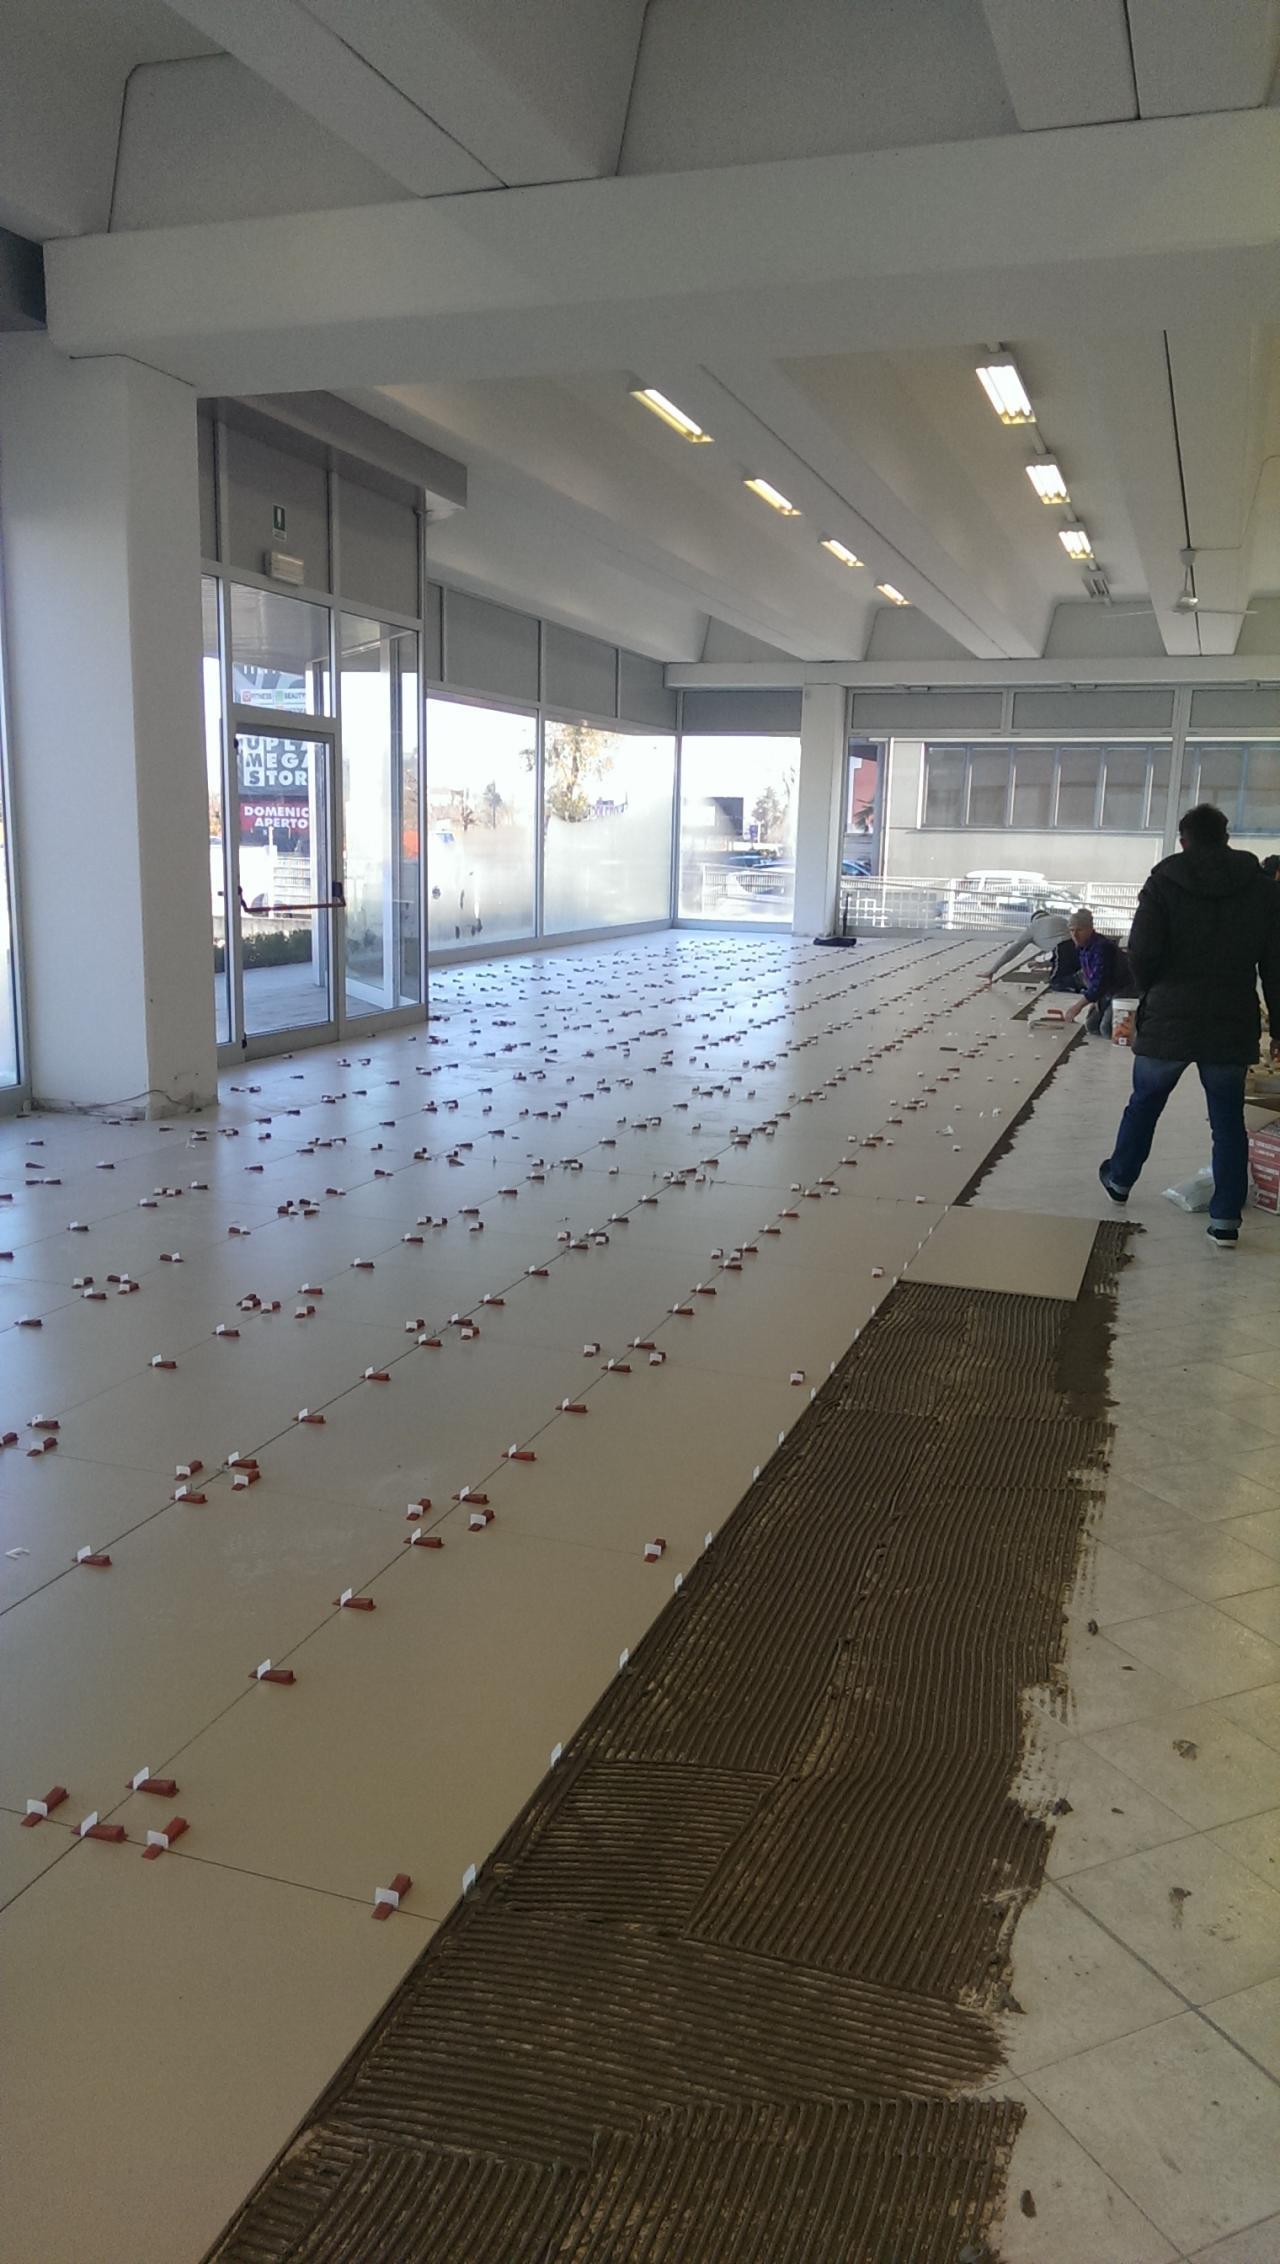 Pavimento per negozio maserati rimodernata la sede di - Posare piastrelle su pavimento esistente ...